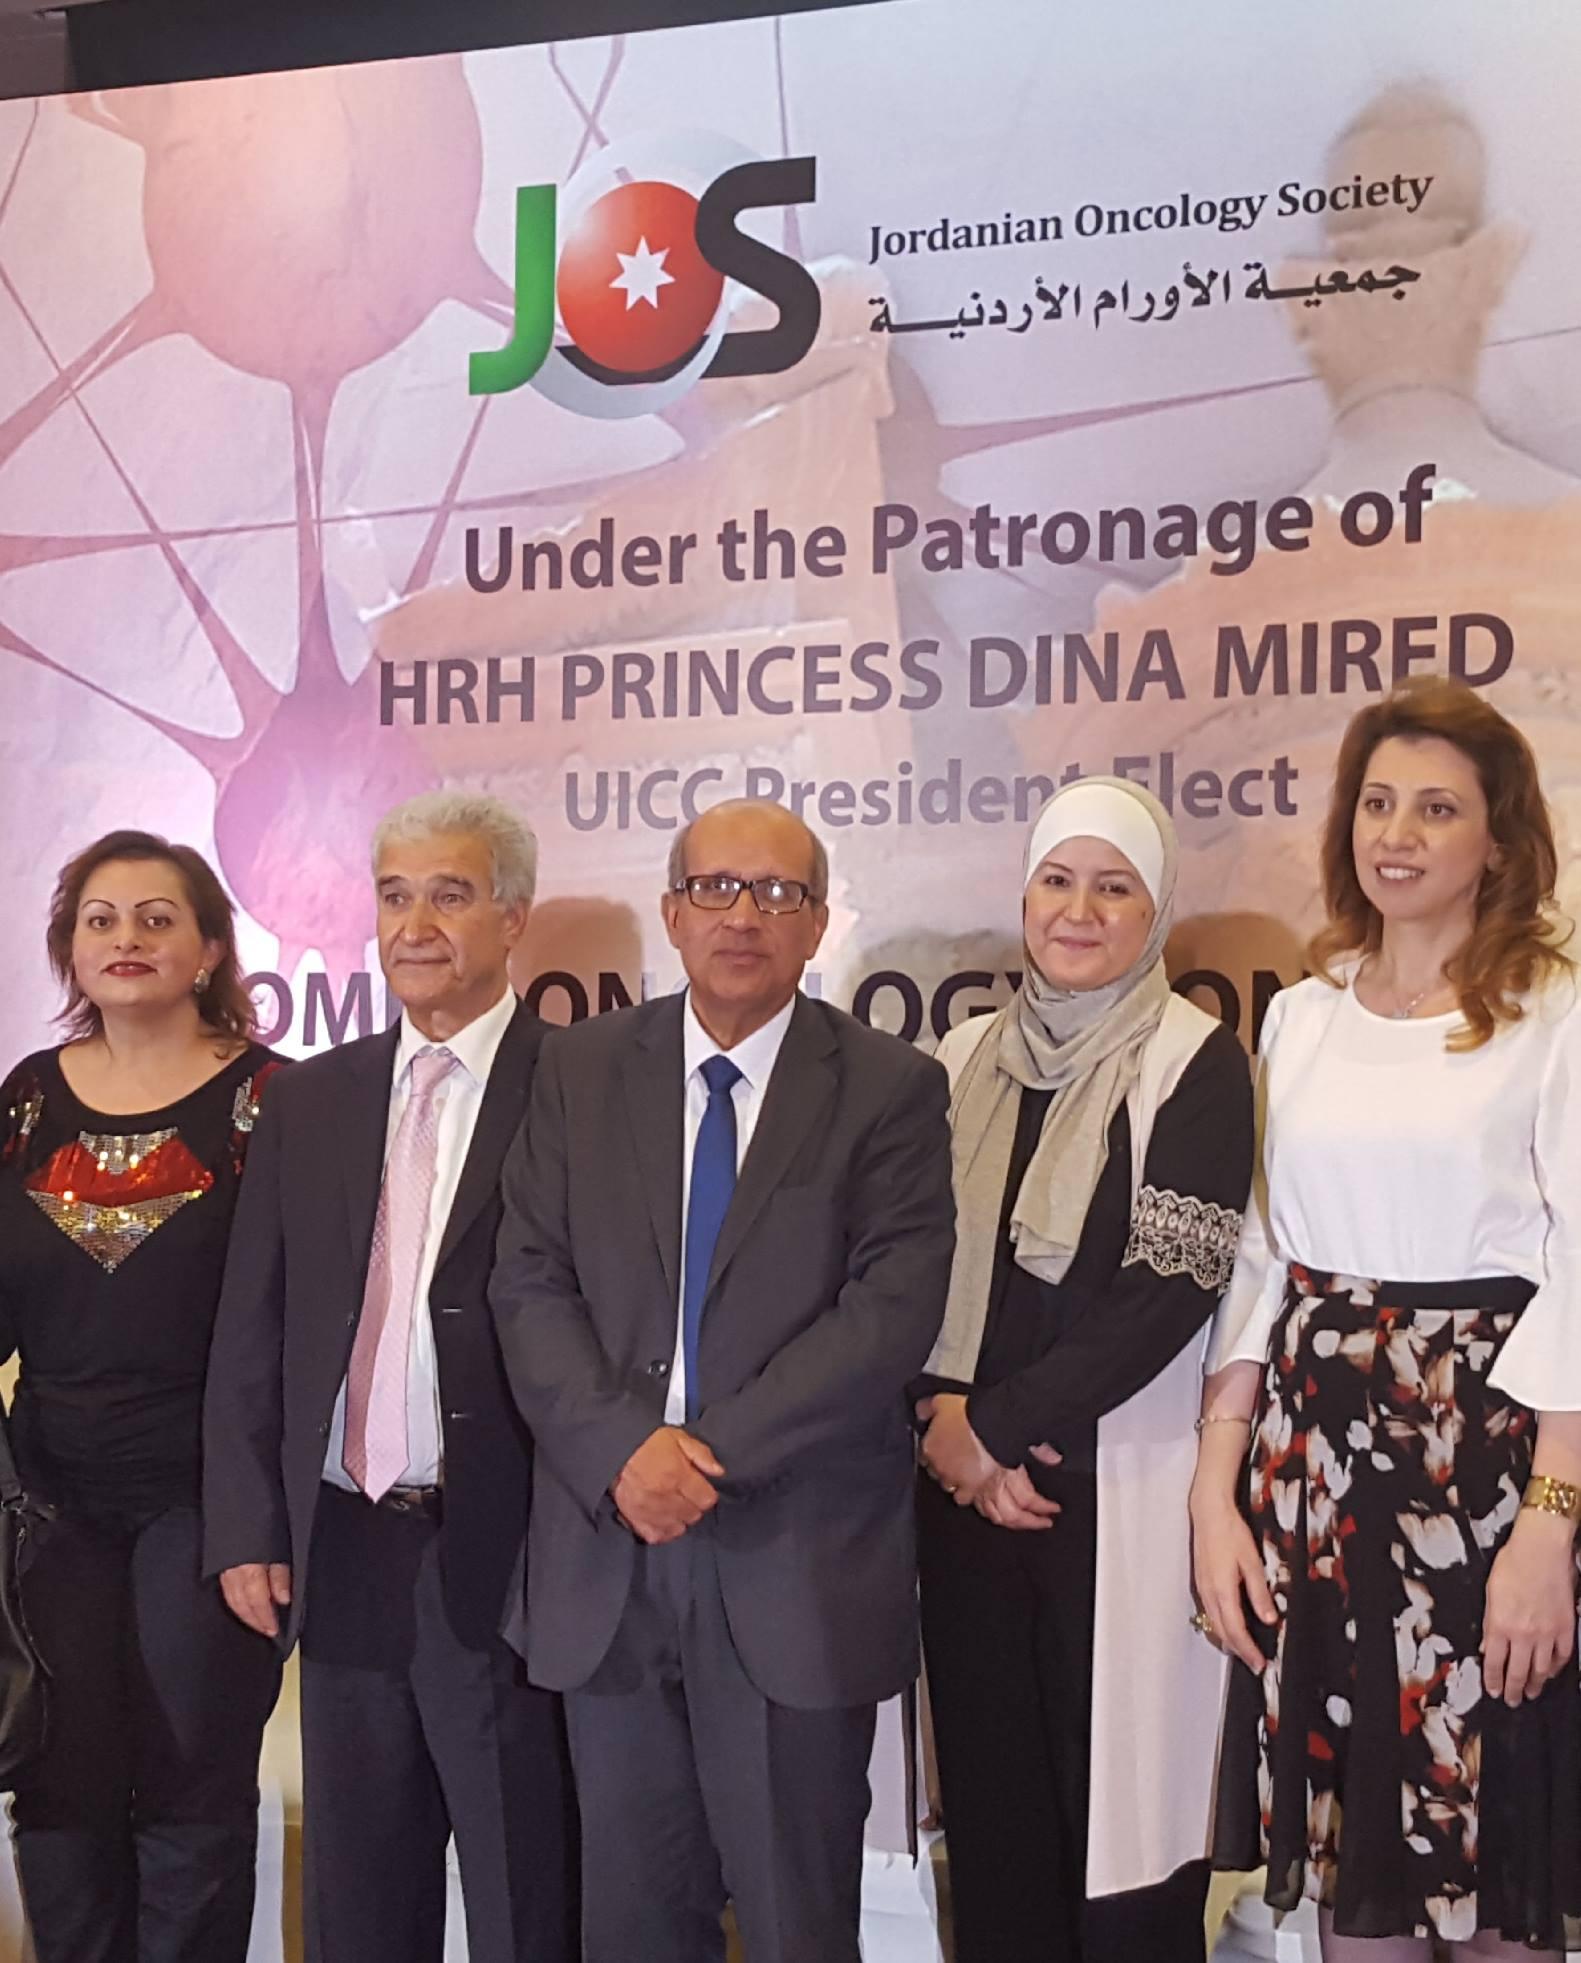 المؤتمر الدولي الأردني الثالث للأورام النسائية الذي تعقده جمعية الاورام الاردنية  …. الخميس   5-10-2017